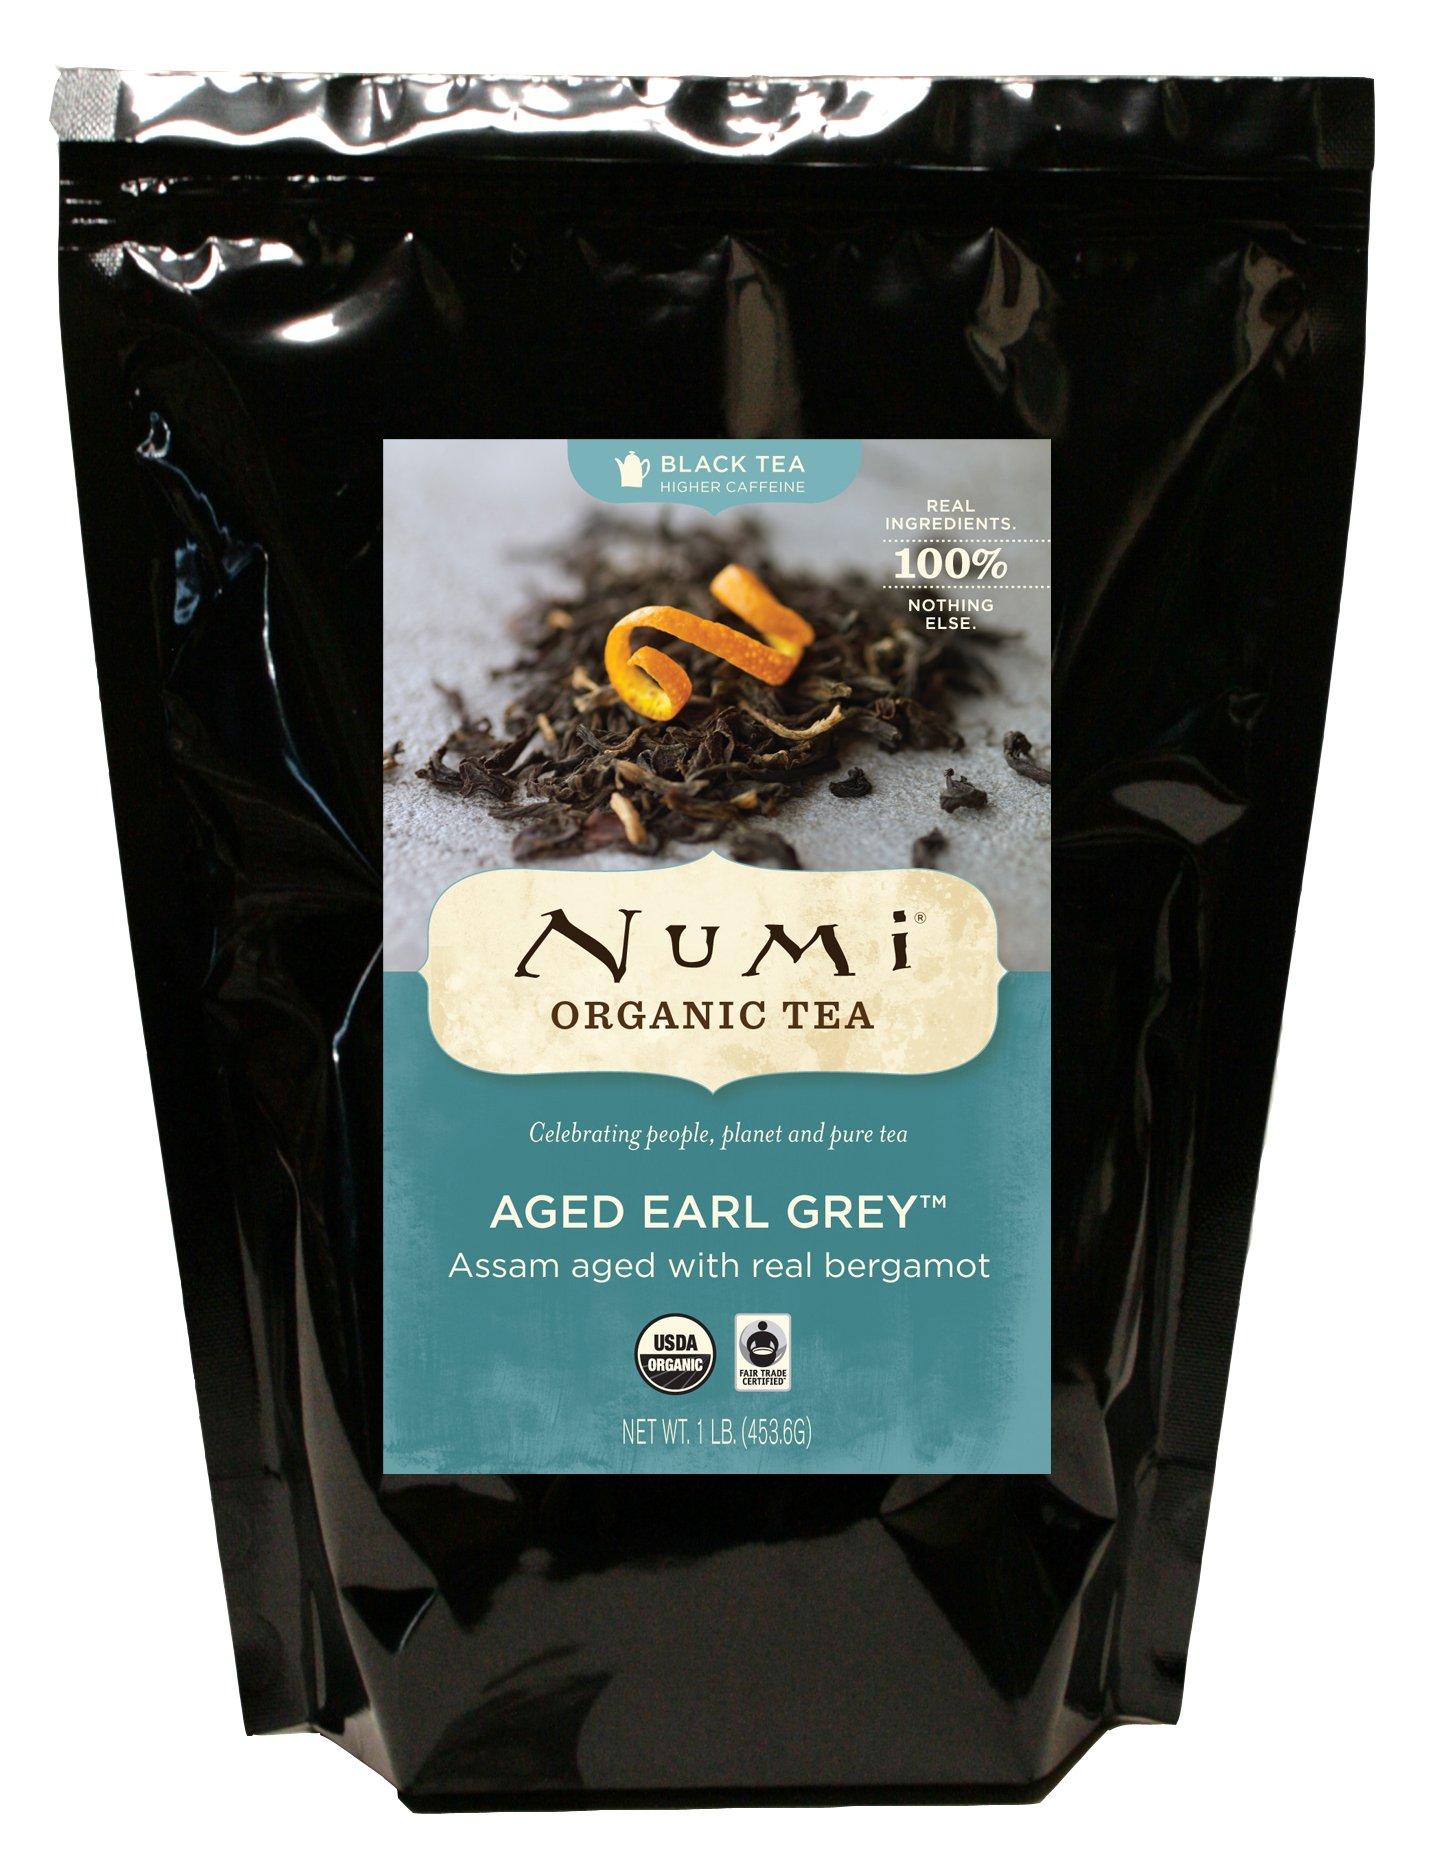 Numi Organic Tea Aged Earl Grey, 16 Ounce Bulk Pouch, Italian Bergamot Blended Loose Leaf Black Tea, Organic Black Tea with Bergamot Aged Together to Naturally Absorb the Citrus Flavor